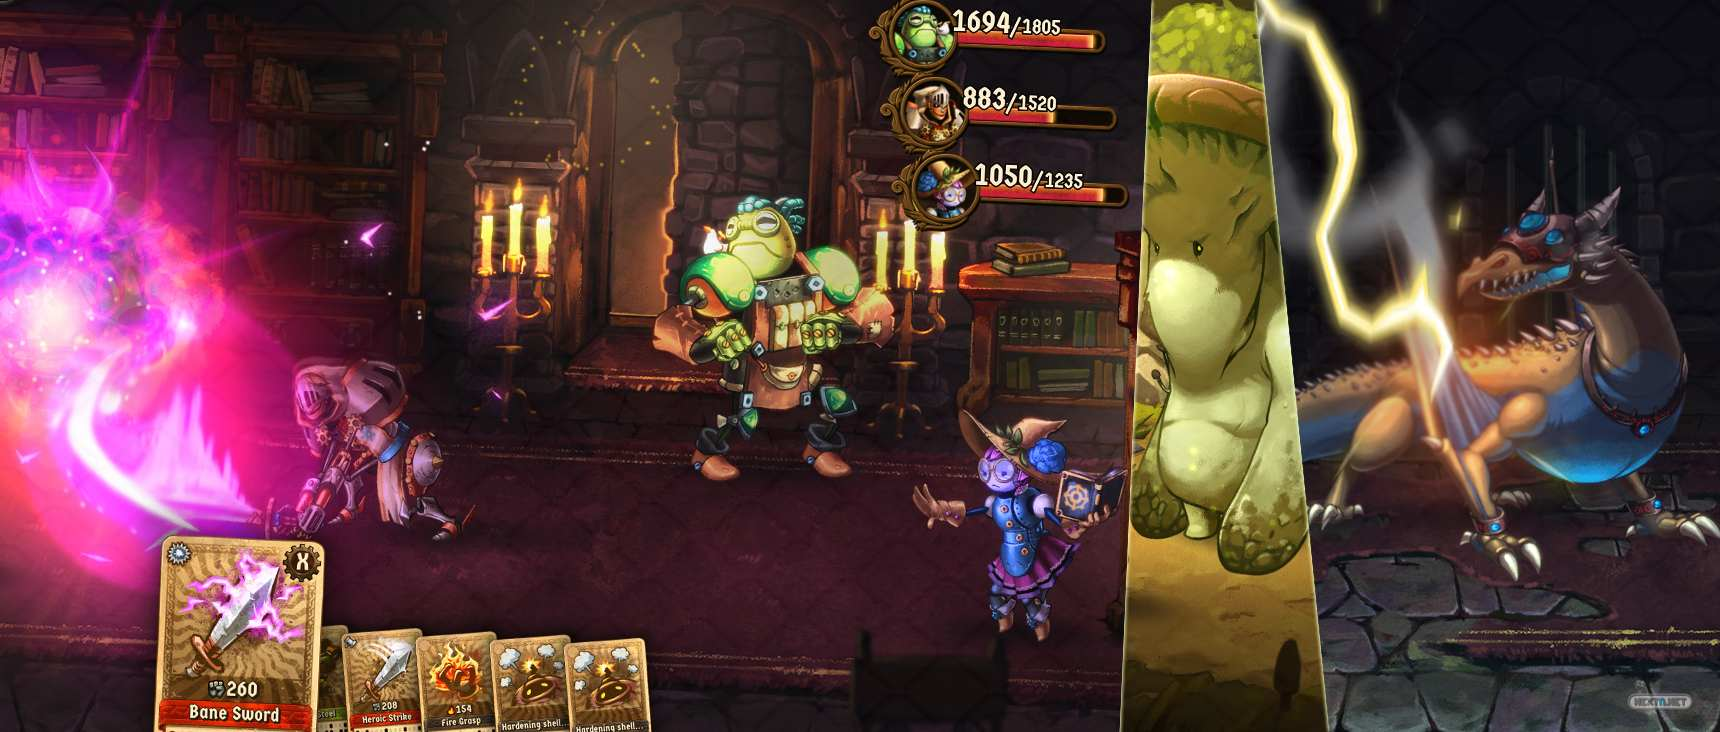 SteamWorld Quest: Hand of Gilgamech Nintendo Switch